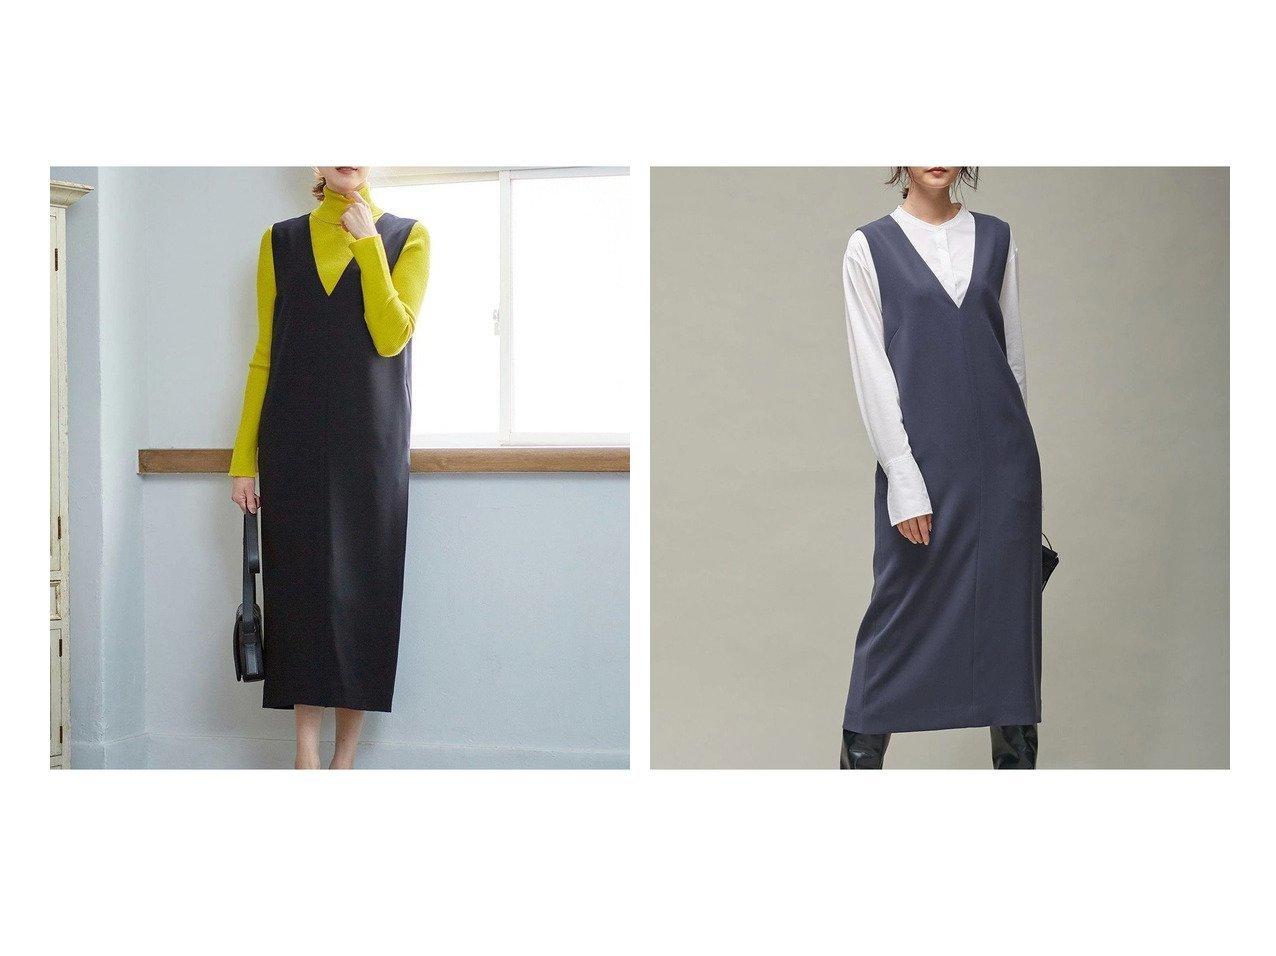 【iCB/アイシービー】の【WEB限定】Round Nap ジャンパースカート ワンピース 【スカート】おすすめ!人気、トレンド・レディースファッションの通販 おすすめで人気の流行・トレンド、ファッションの通販商品 インテリア・家具・メンズファッション・キッズファッション・レディースファッション・服の通販 founy(ファニー) https://founy.com/ ファッション Fashion レディースファッション WOMEN スカート Skirt インナー 抗菌 サテン ジャケット ストレッチ スリット ダブル トレンド ドレープ ロング A/W・秋冬 AW・Autumn/Winter・FW・Fall-Winter 2021年 2021 2021-2022秋冬・A/W AW・Autumn/Winter・FW・Fall-Winter・2021-2022 送料無料 Free Shipping |ID:crp329100000072549